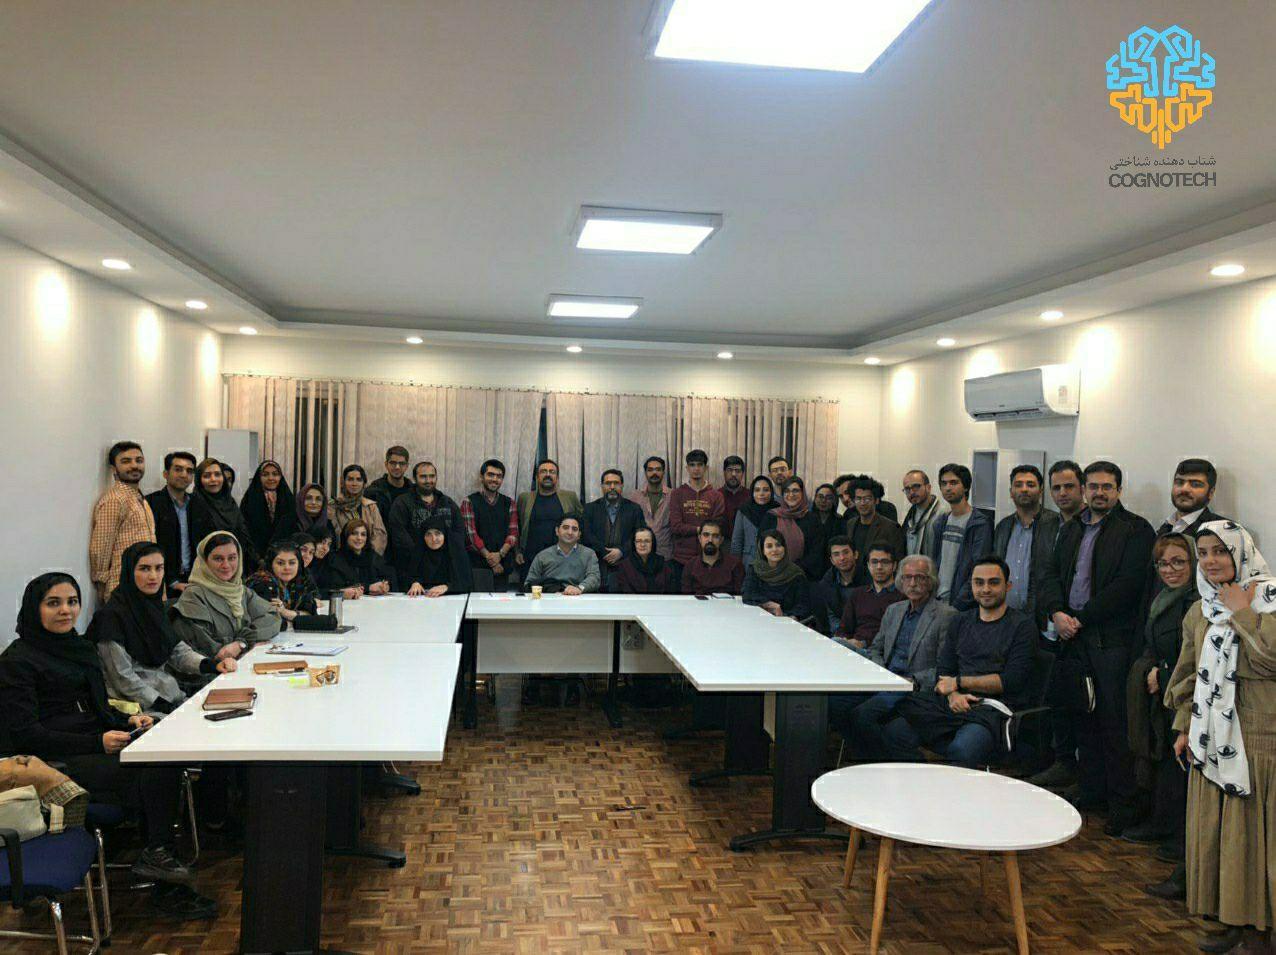 کارگاه تیم سازی برای موفقیت با رویکرد سرمایه شناختی و طراحی بازی در شتاب دهنده شناختی COGNOTECH برگزار شد